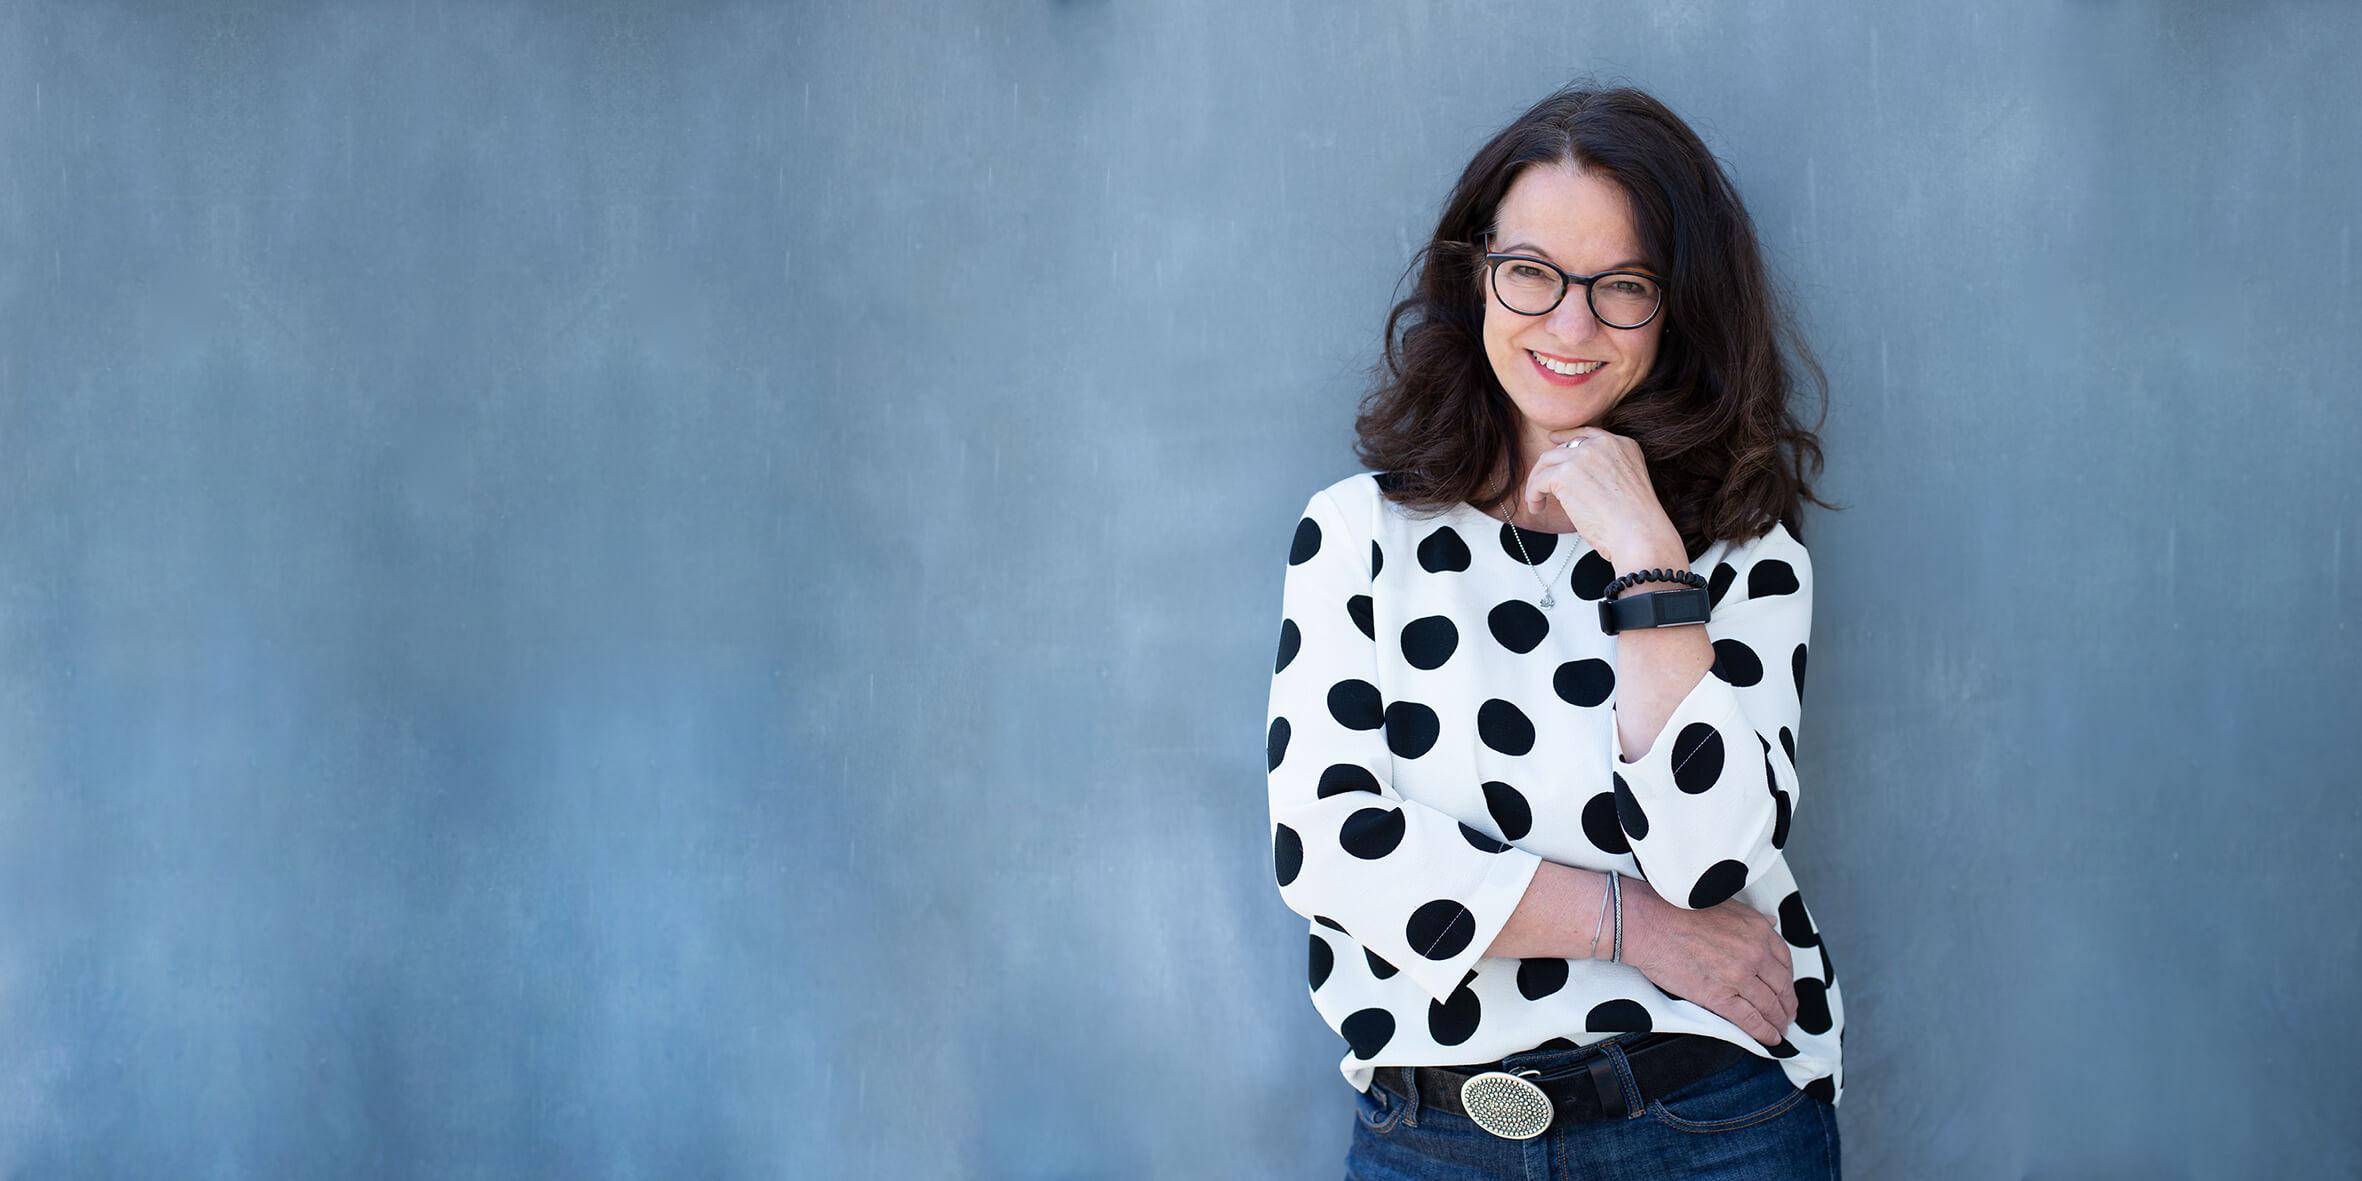 Frau mit gepunkteter Bluse – Portraitshooting Weinstadt